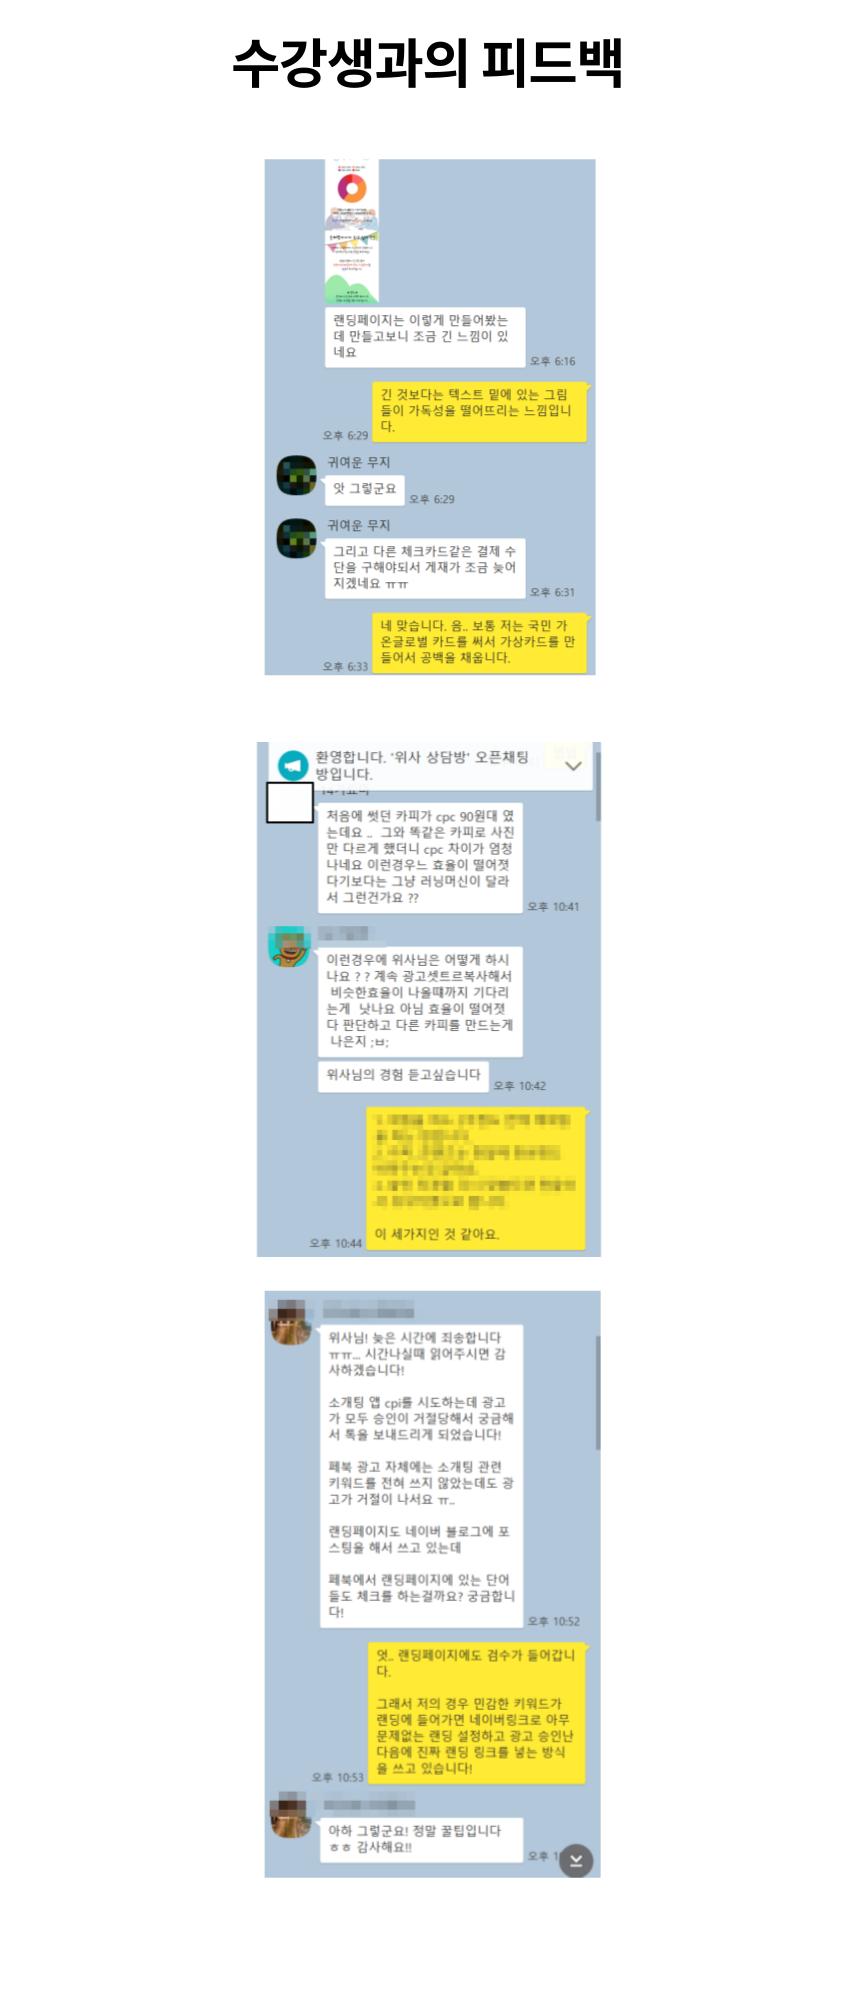 수강생 피드백 위대한사람의-제휴마케팅